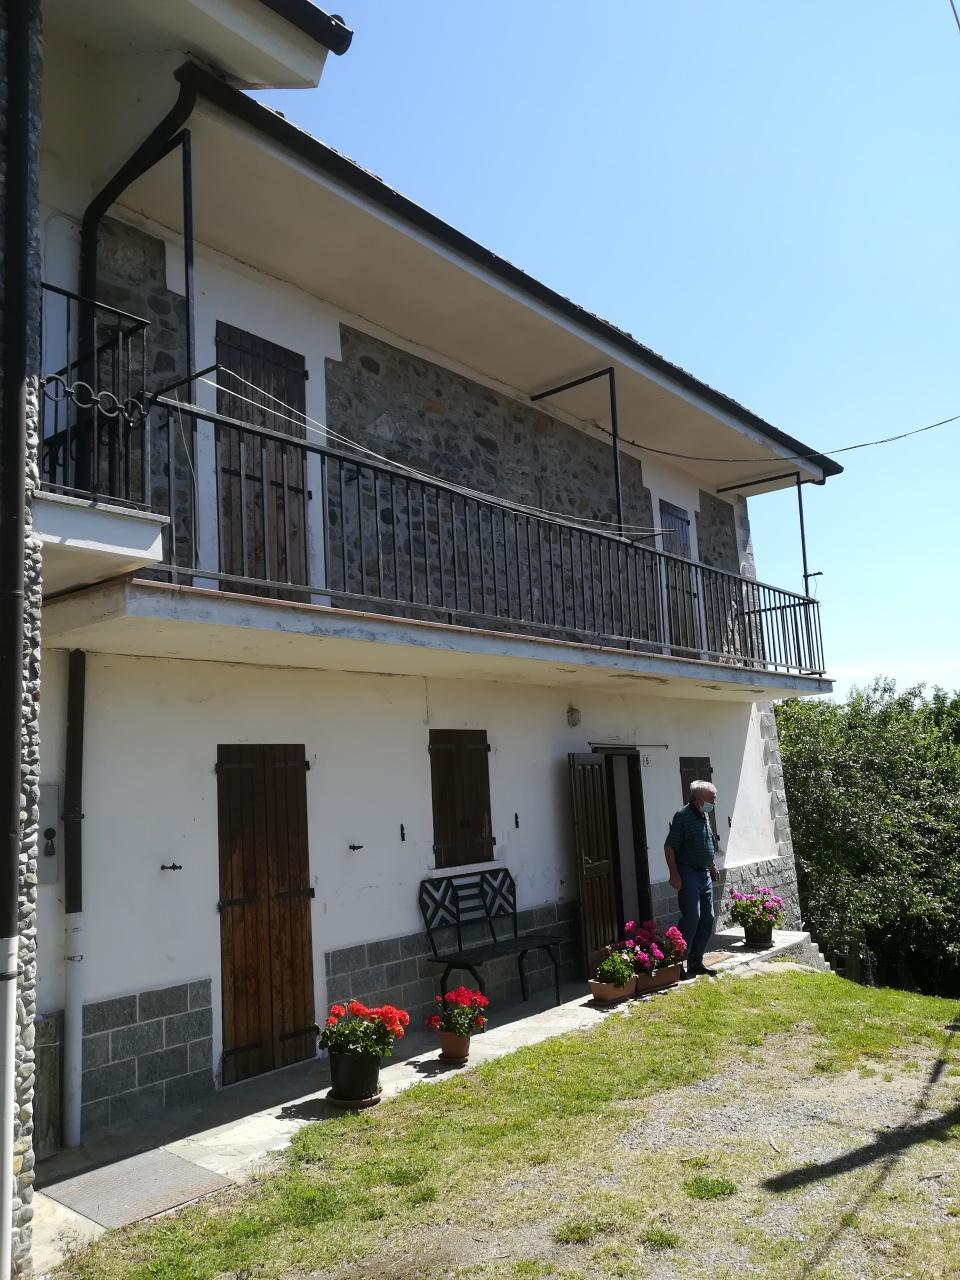 Soluzione Semindipendente in vendita a Pareto, 5 locali, prezzo € 70.000 | PortaleAgenzieImmobiliari.it